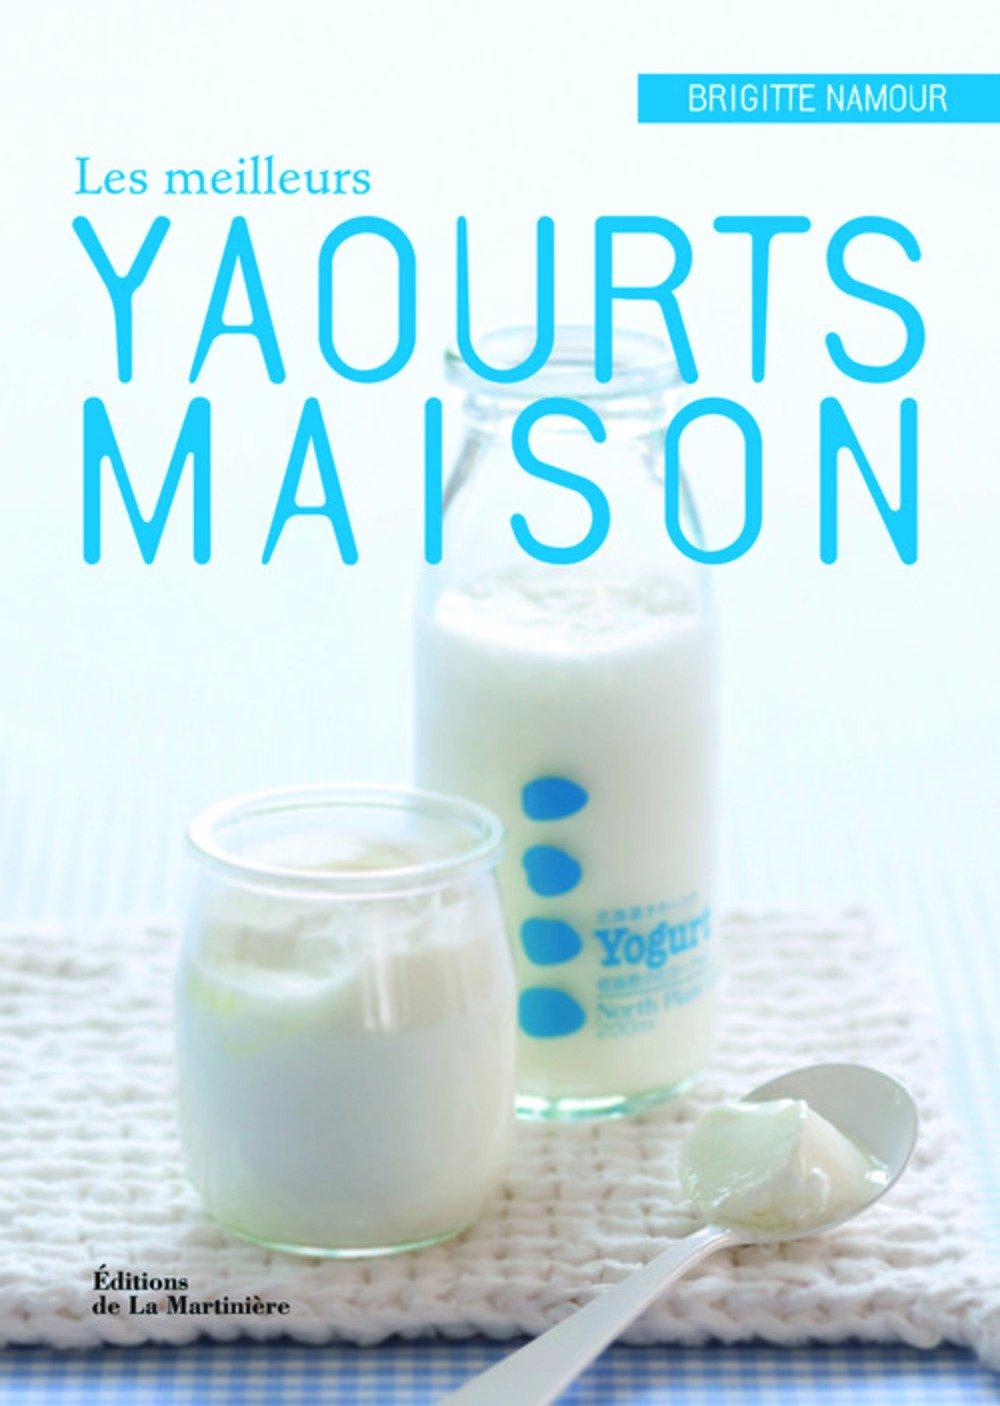 Les meilleurs yaourts maison - Brigitte Namour